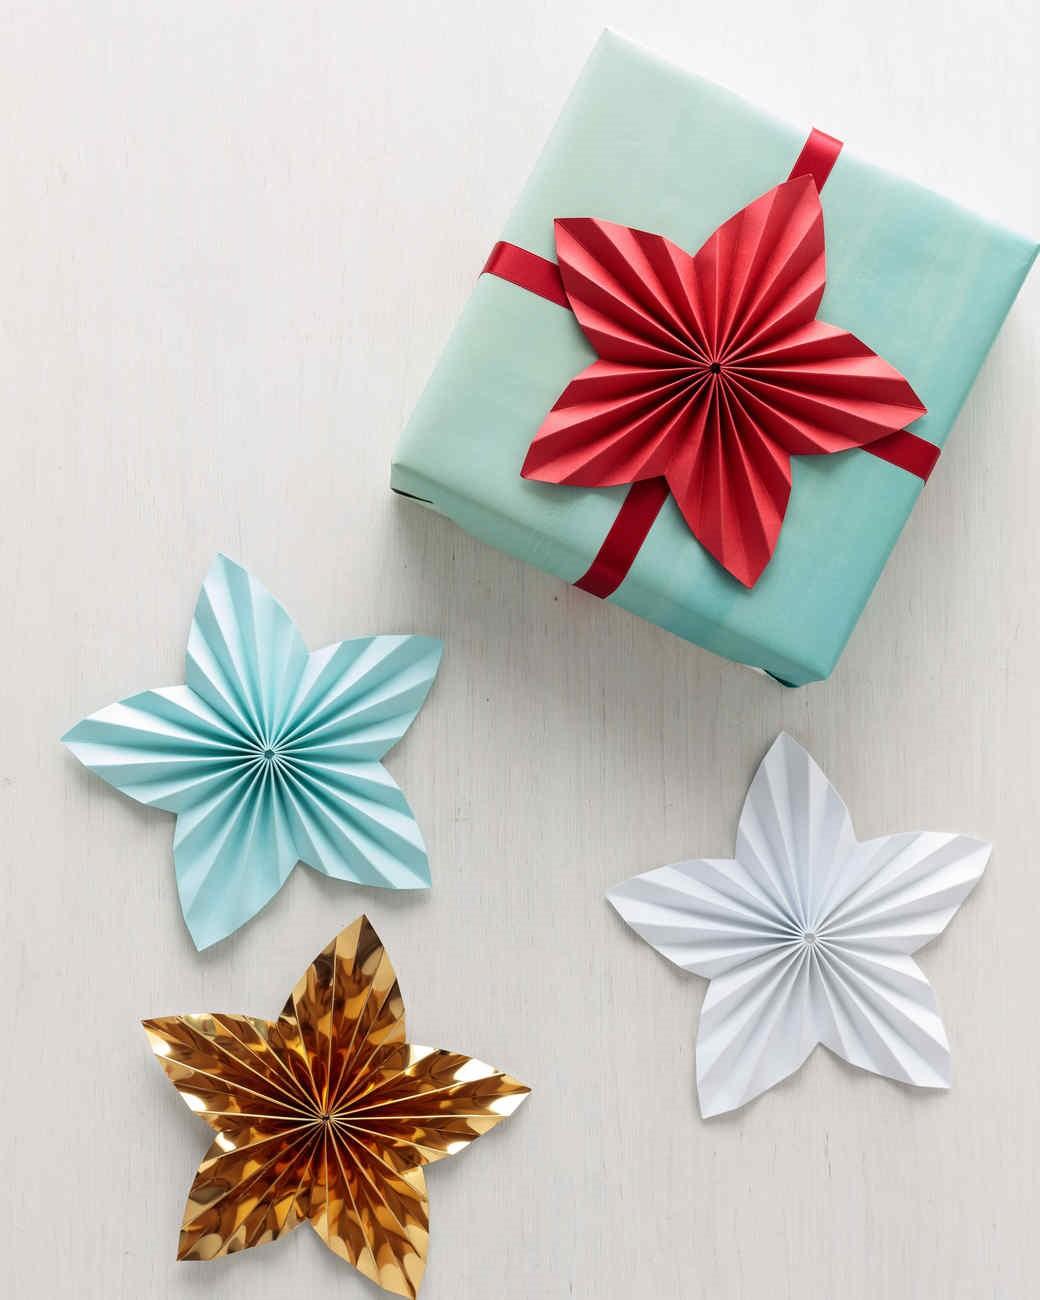 Emballage cadeau décoré d'étoiles en papier.